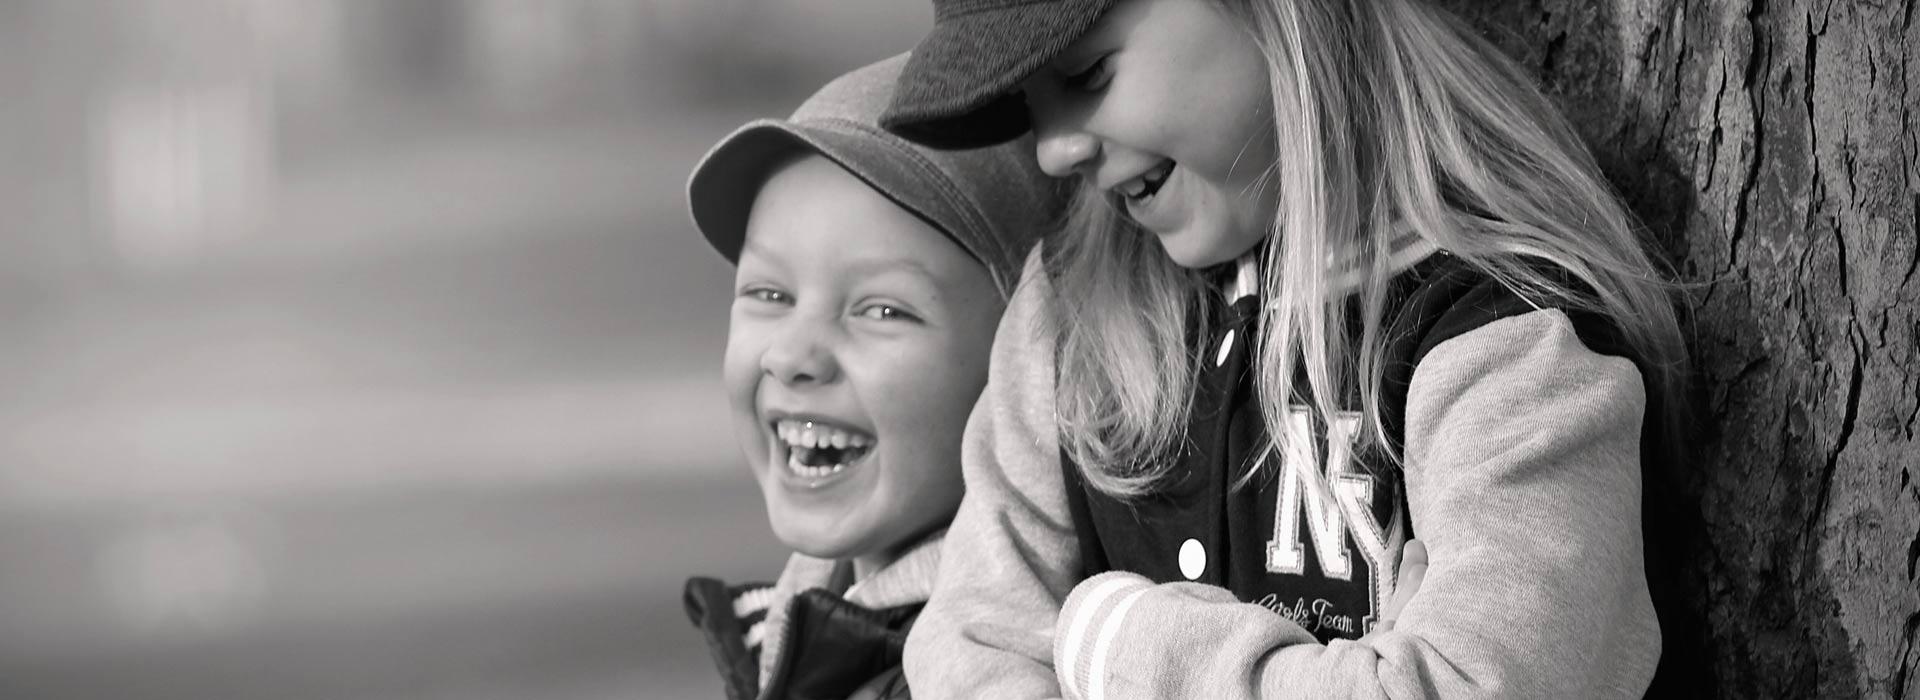 Kinderzahnarzt Lieblingszahnarzt Kinderzahnheilkunde